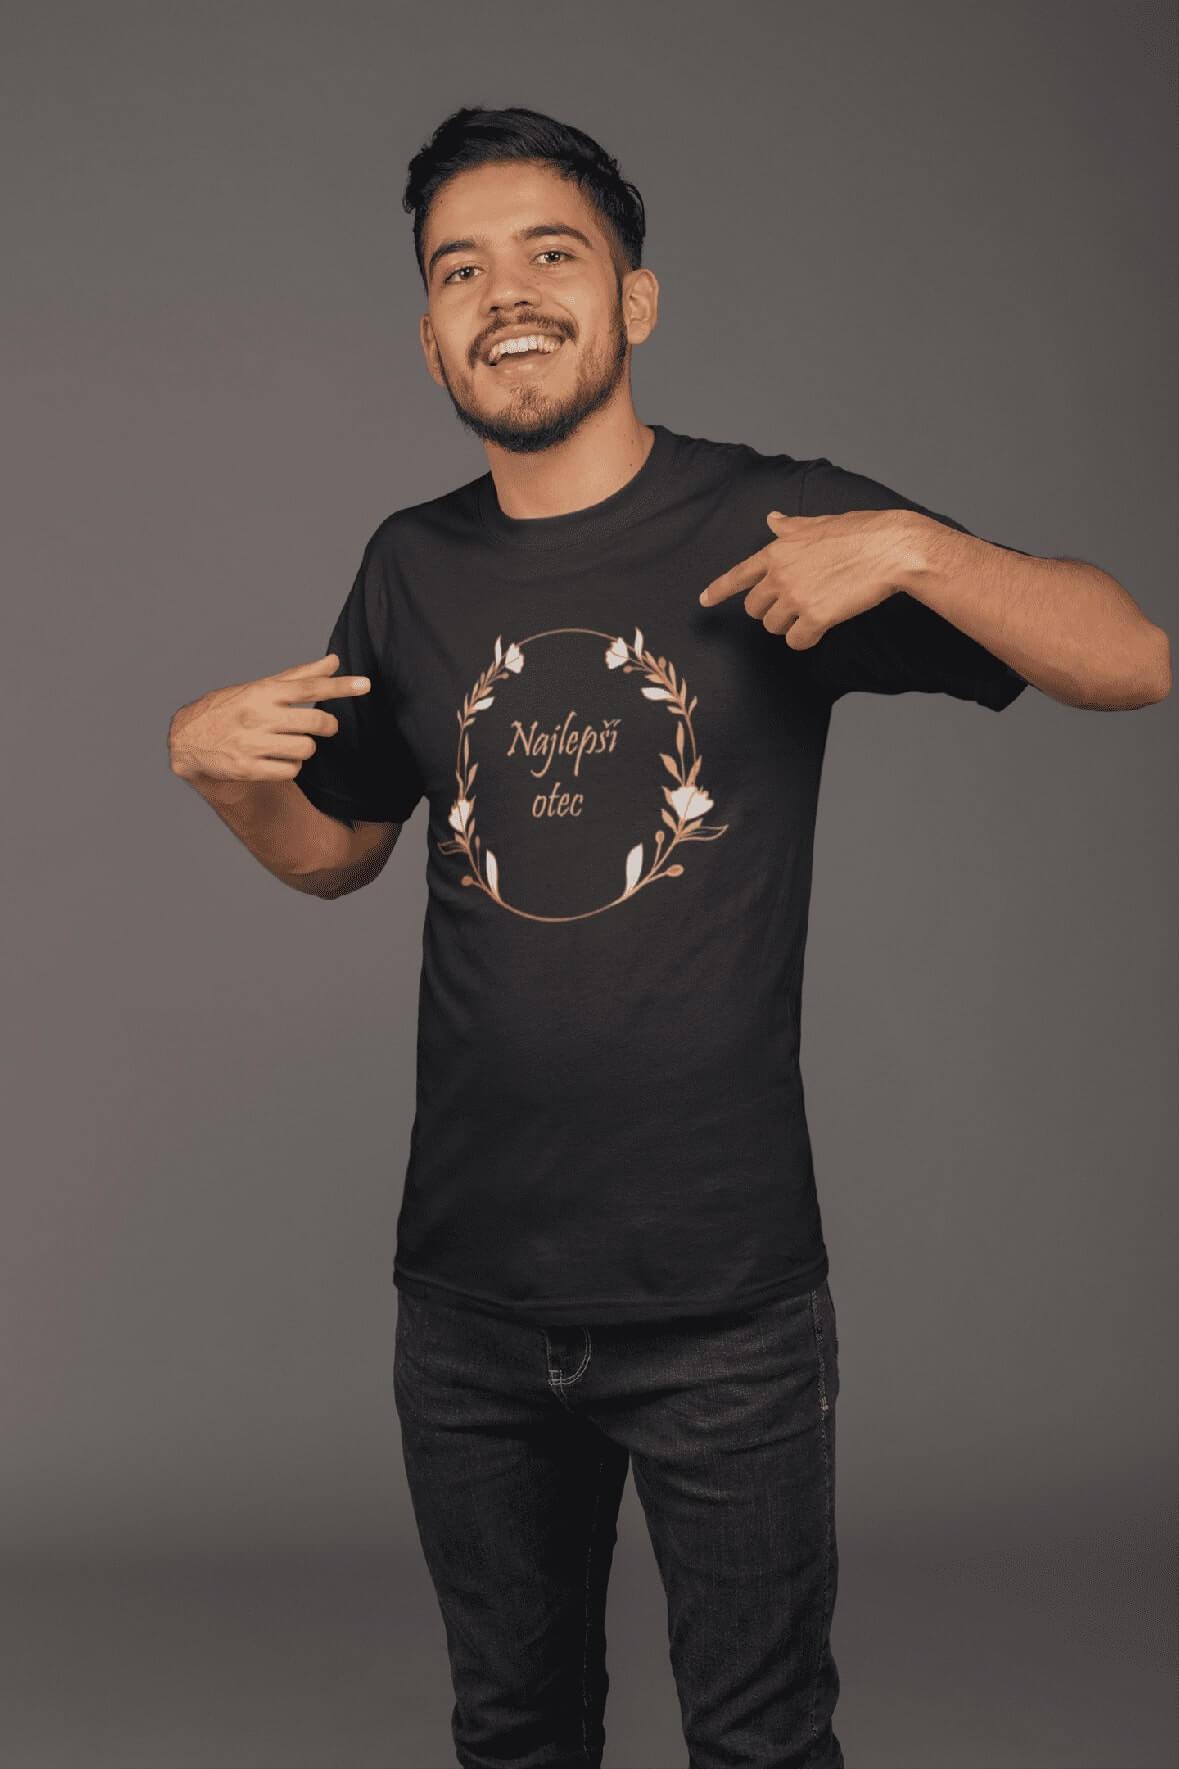 MMO Pánske tričko pre otca Najlepší otec Vyberte farbu: Čierna, Vyberte veľkosť: S